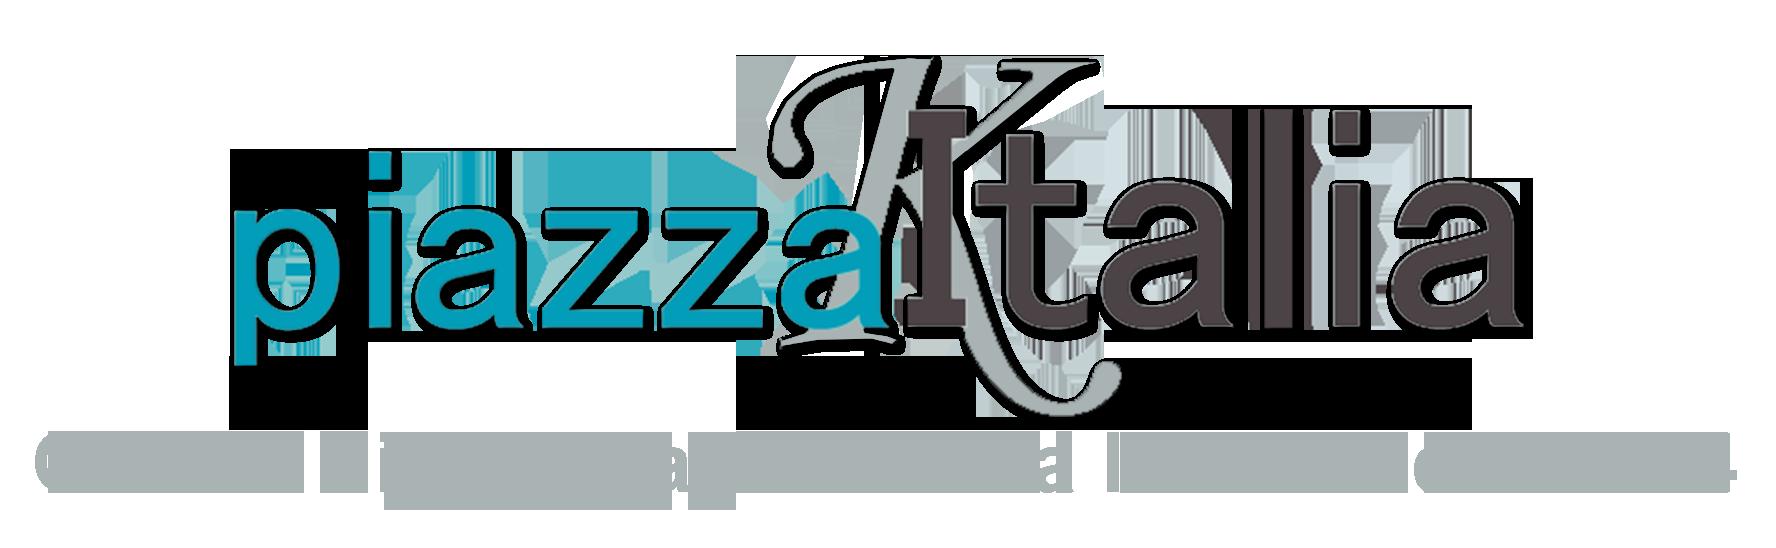 ピアッツァイタリア|東京・高円寺駅前のイタリア語教室、ピアッツァイタリア|イタリア語会話・イタリア語スクール・イタリア文化センターの画像